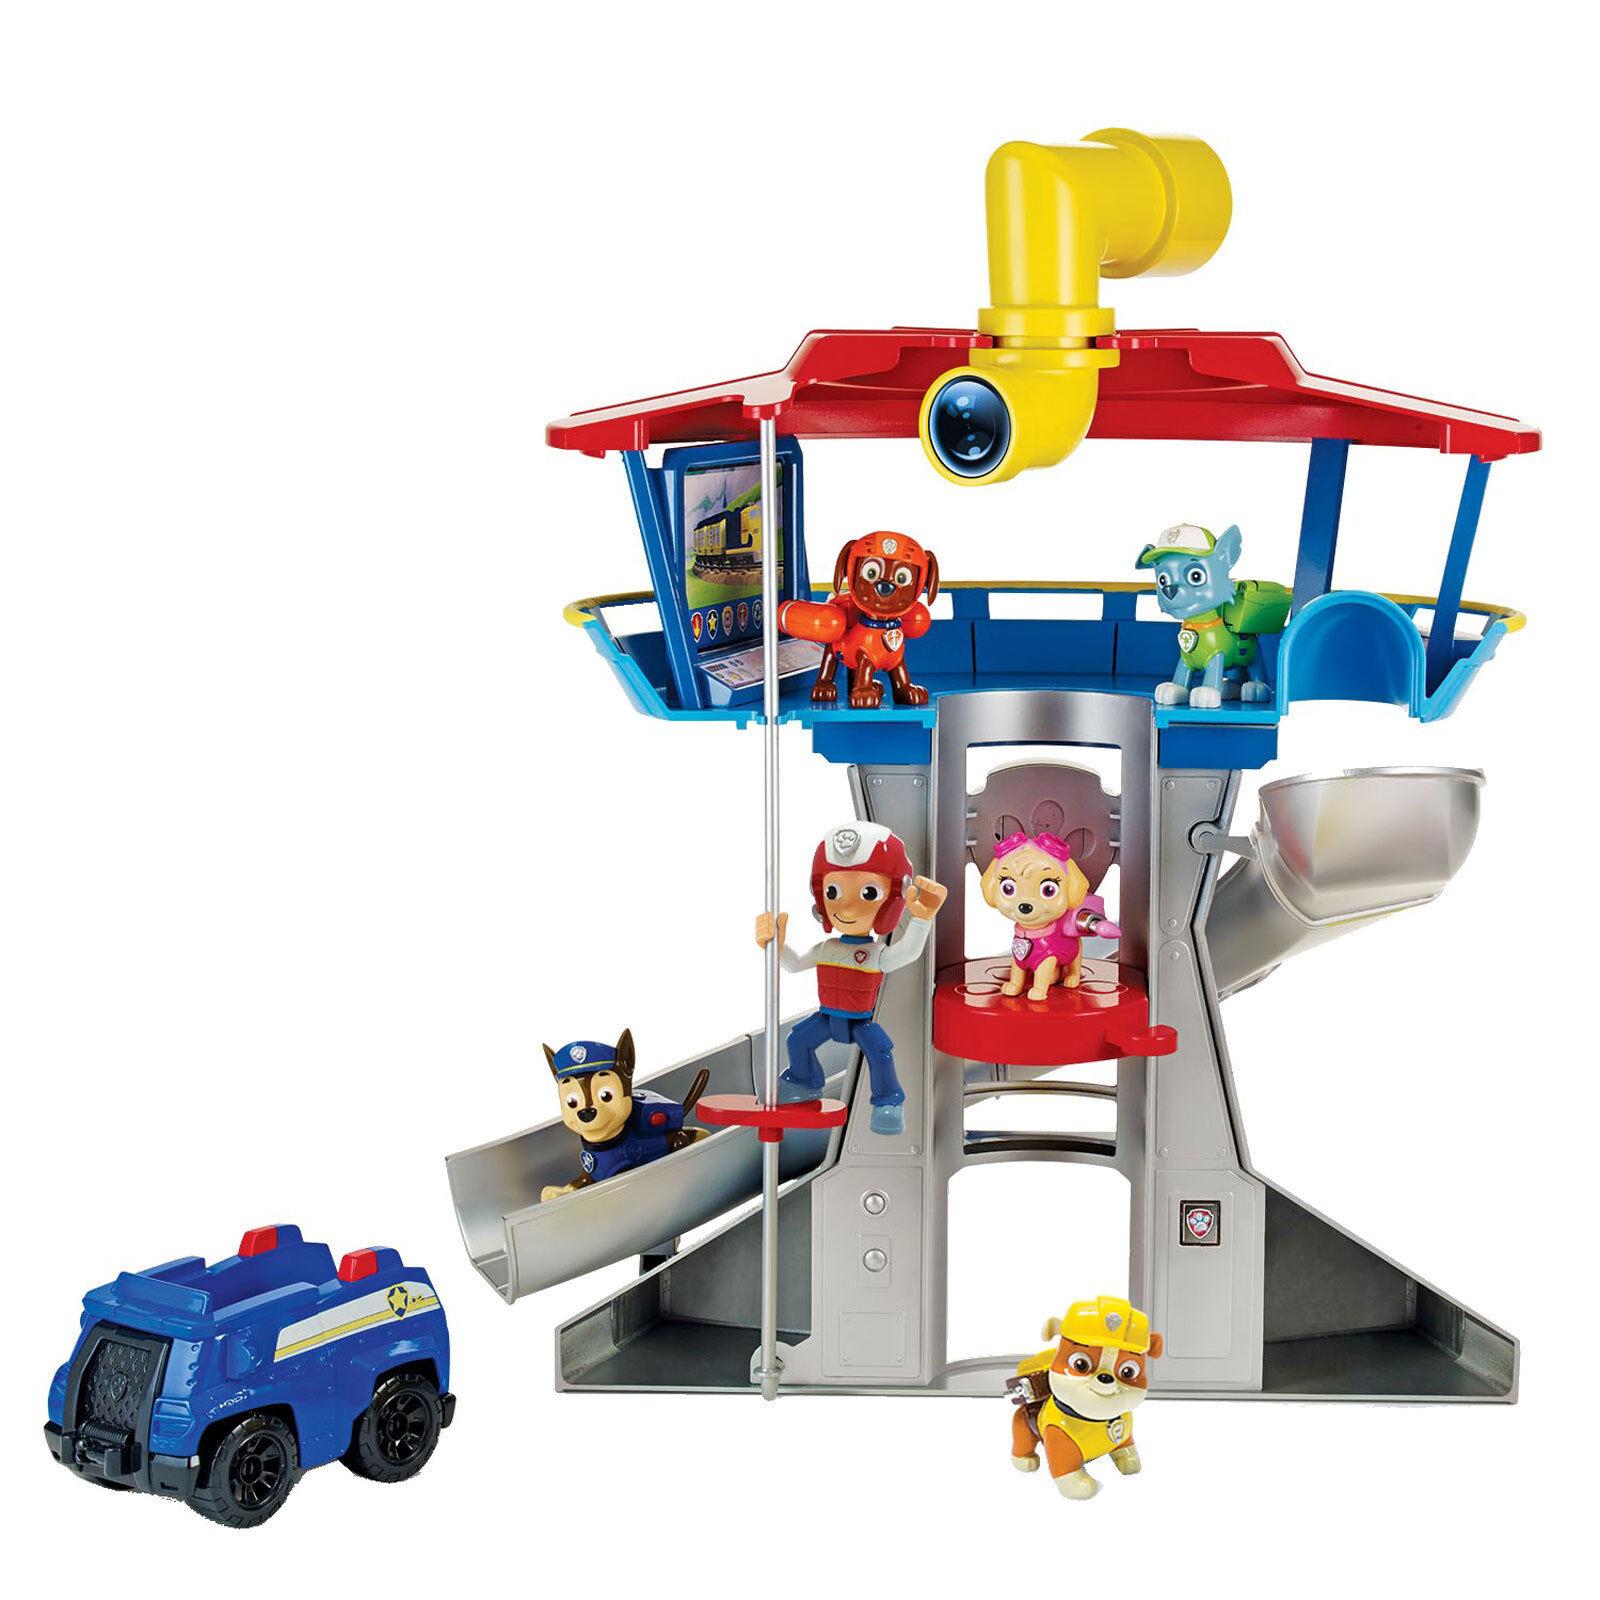 PAW PATROL Spielset Lookout Headquarter Spielfigur Actionfigur Kinder Spielzeug